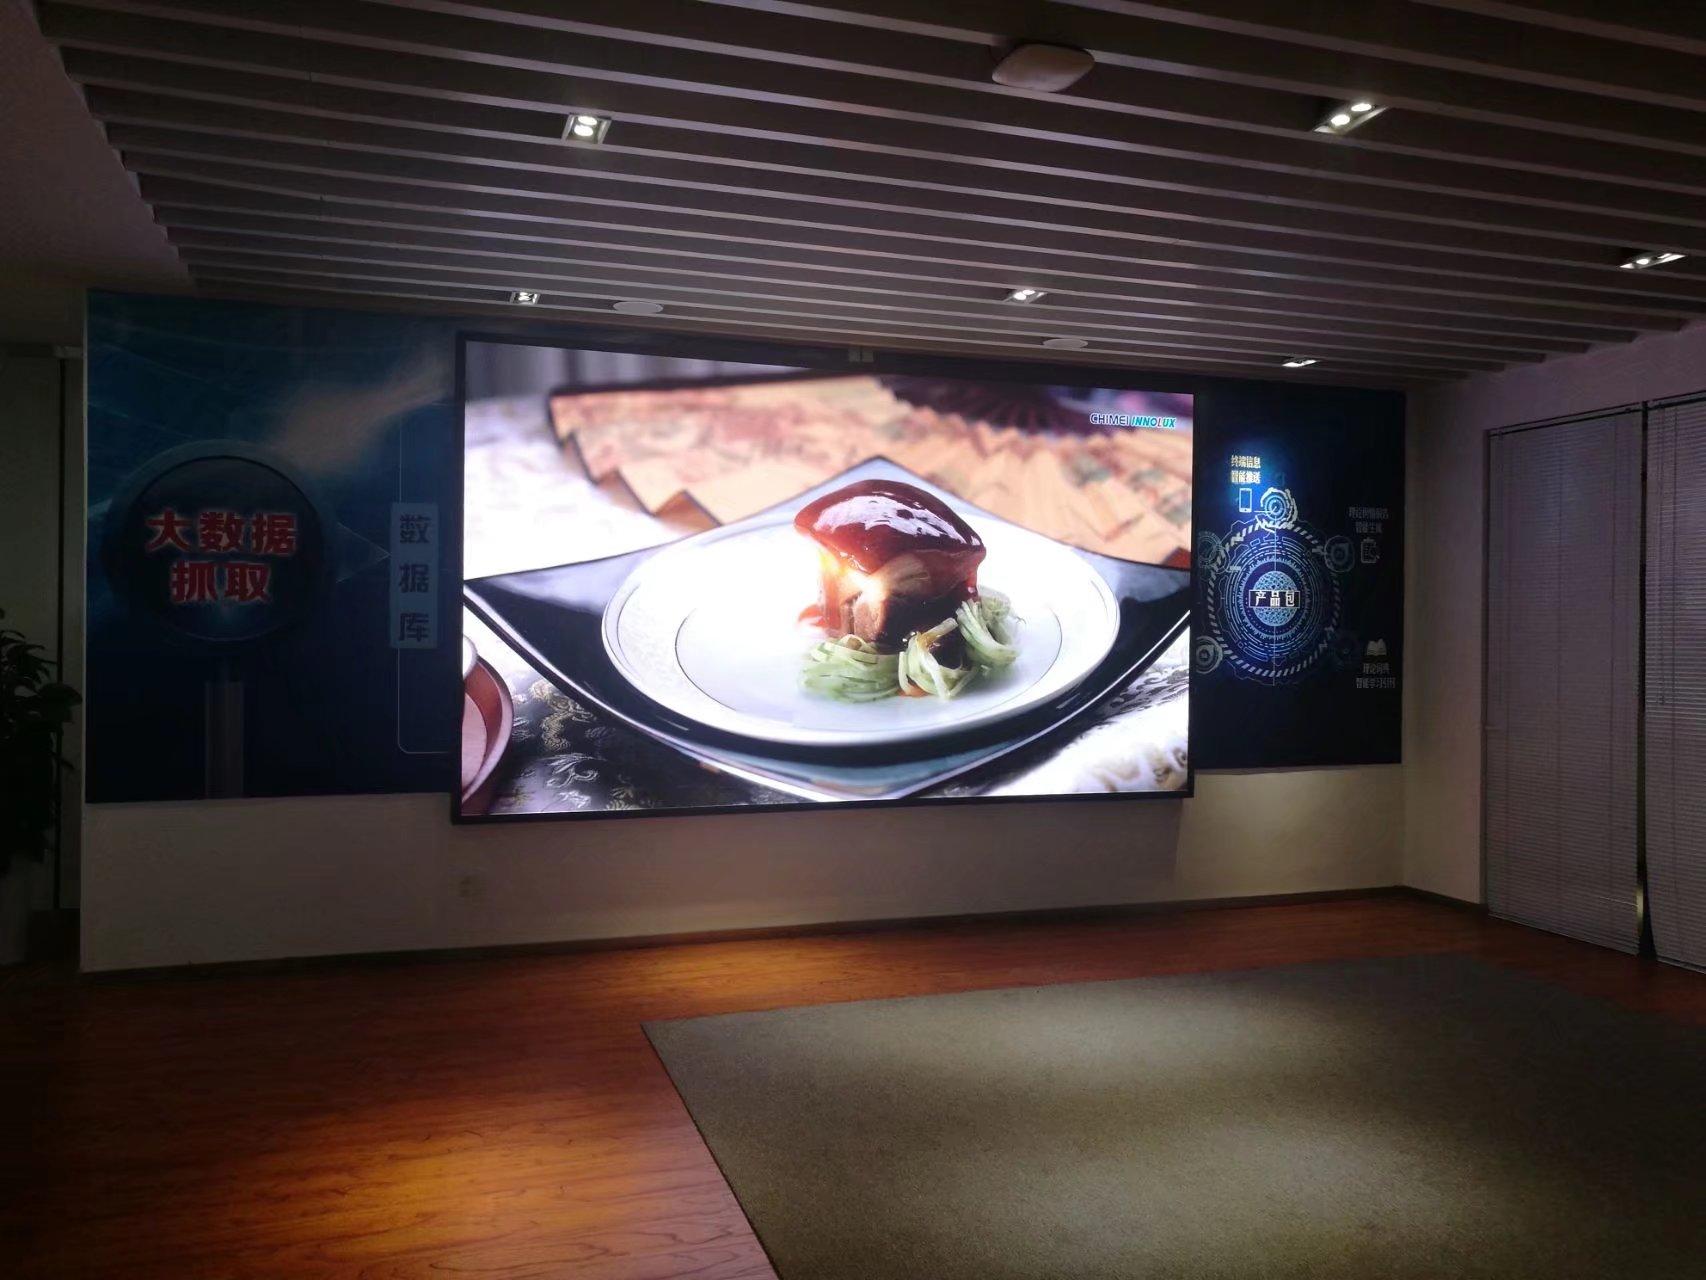 重庆led厂家:LED电子显示屏技术解决